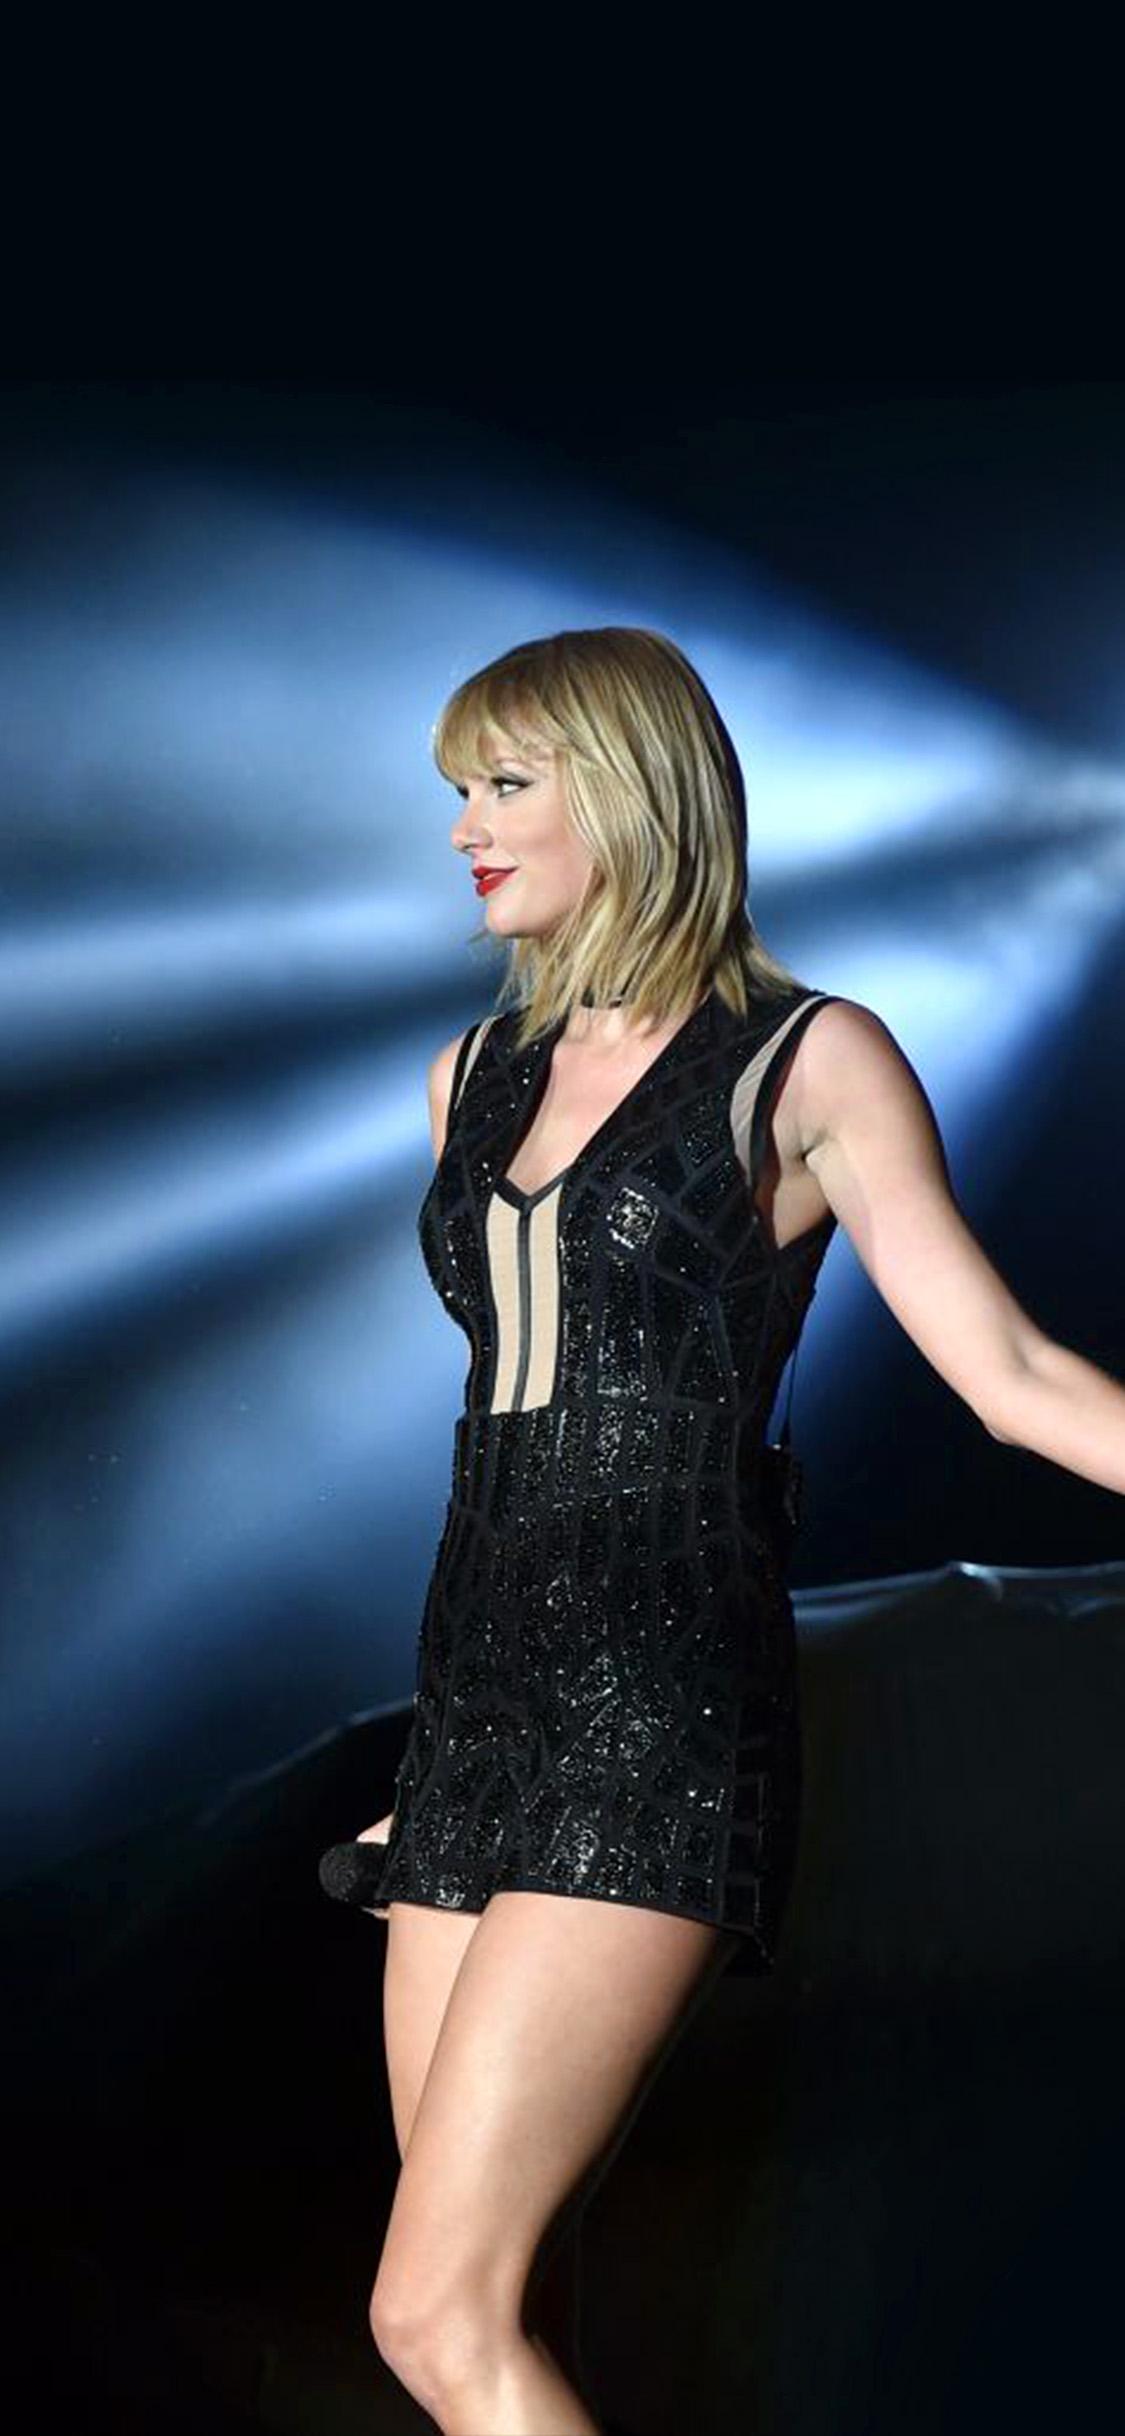 Hp28 taylor swift girl concert singer artist dark wallpaper - Taylor swift wallpaper iphone ...